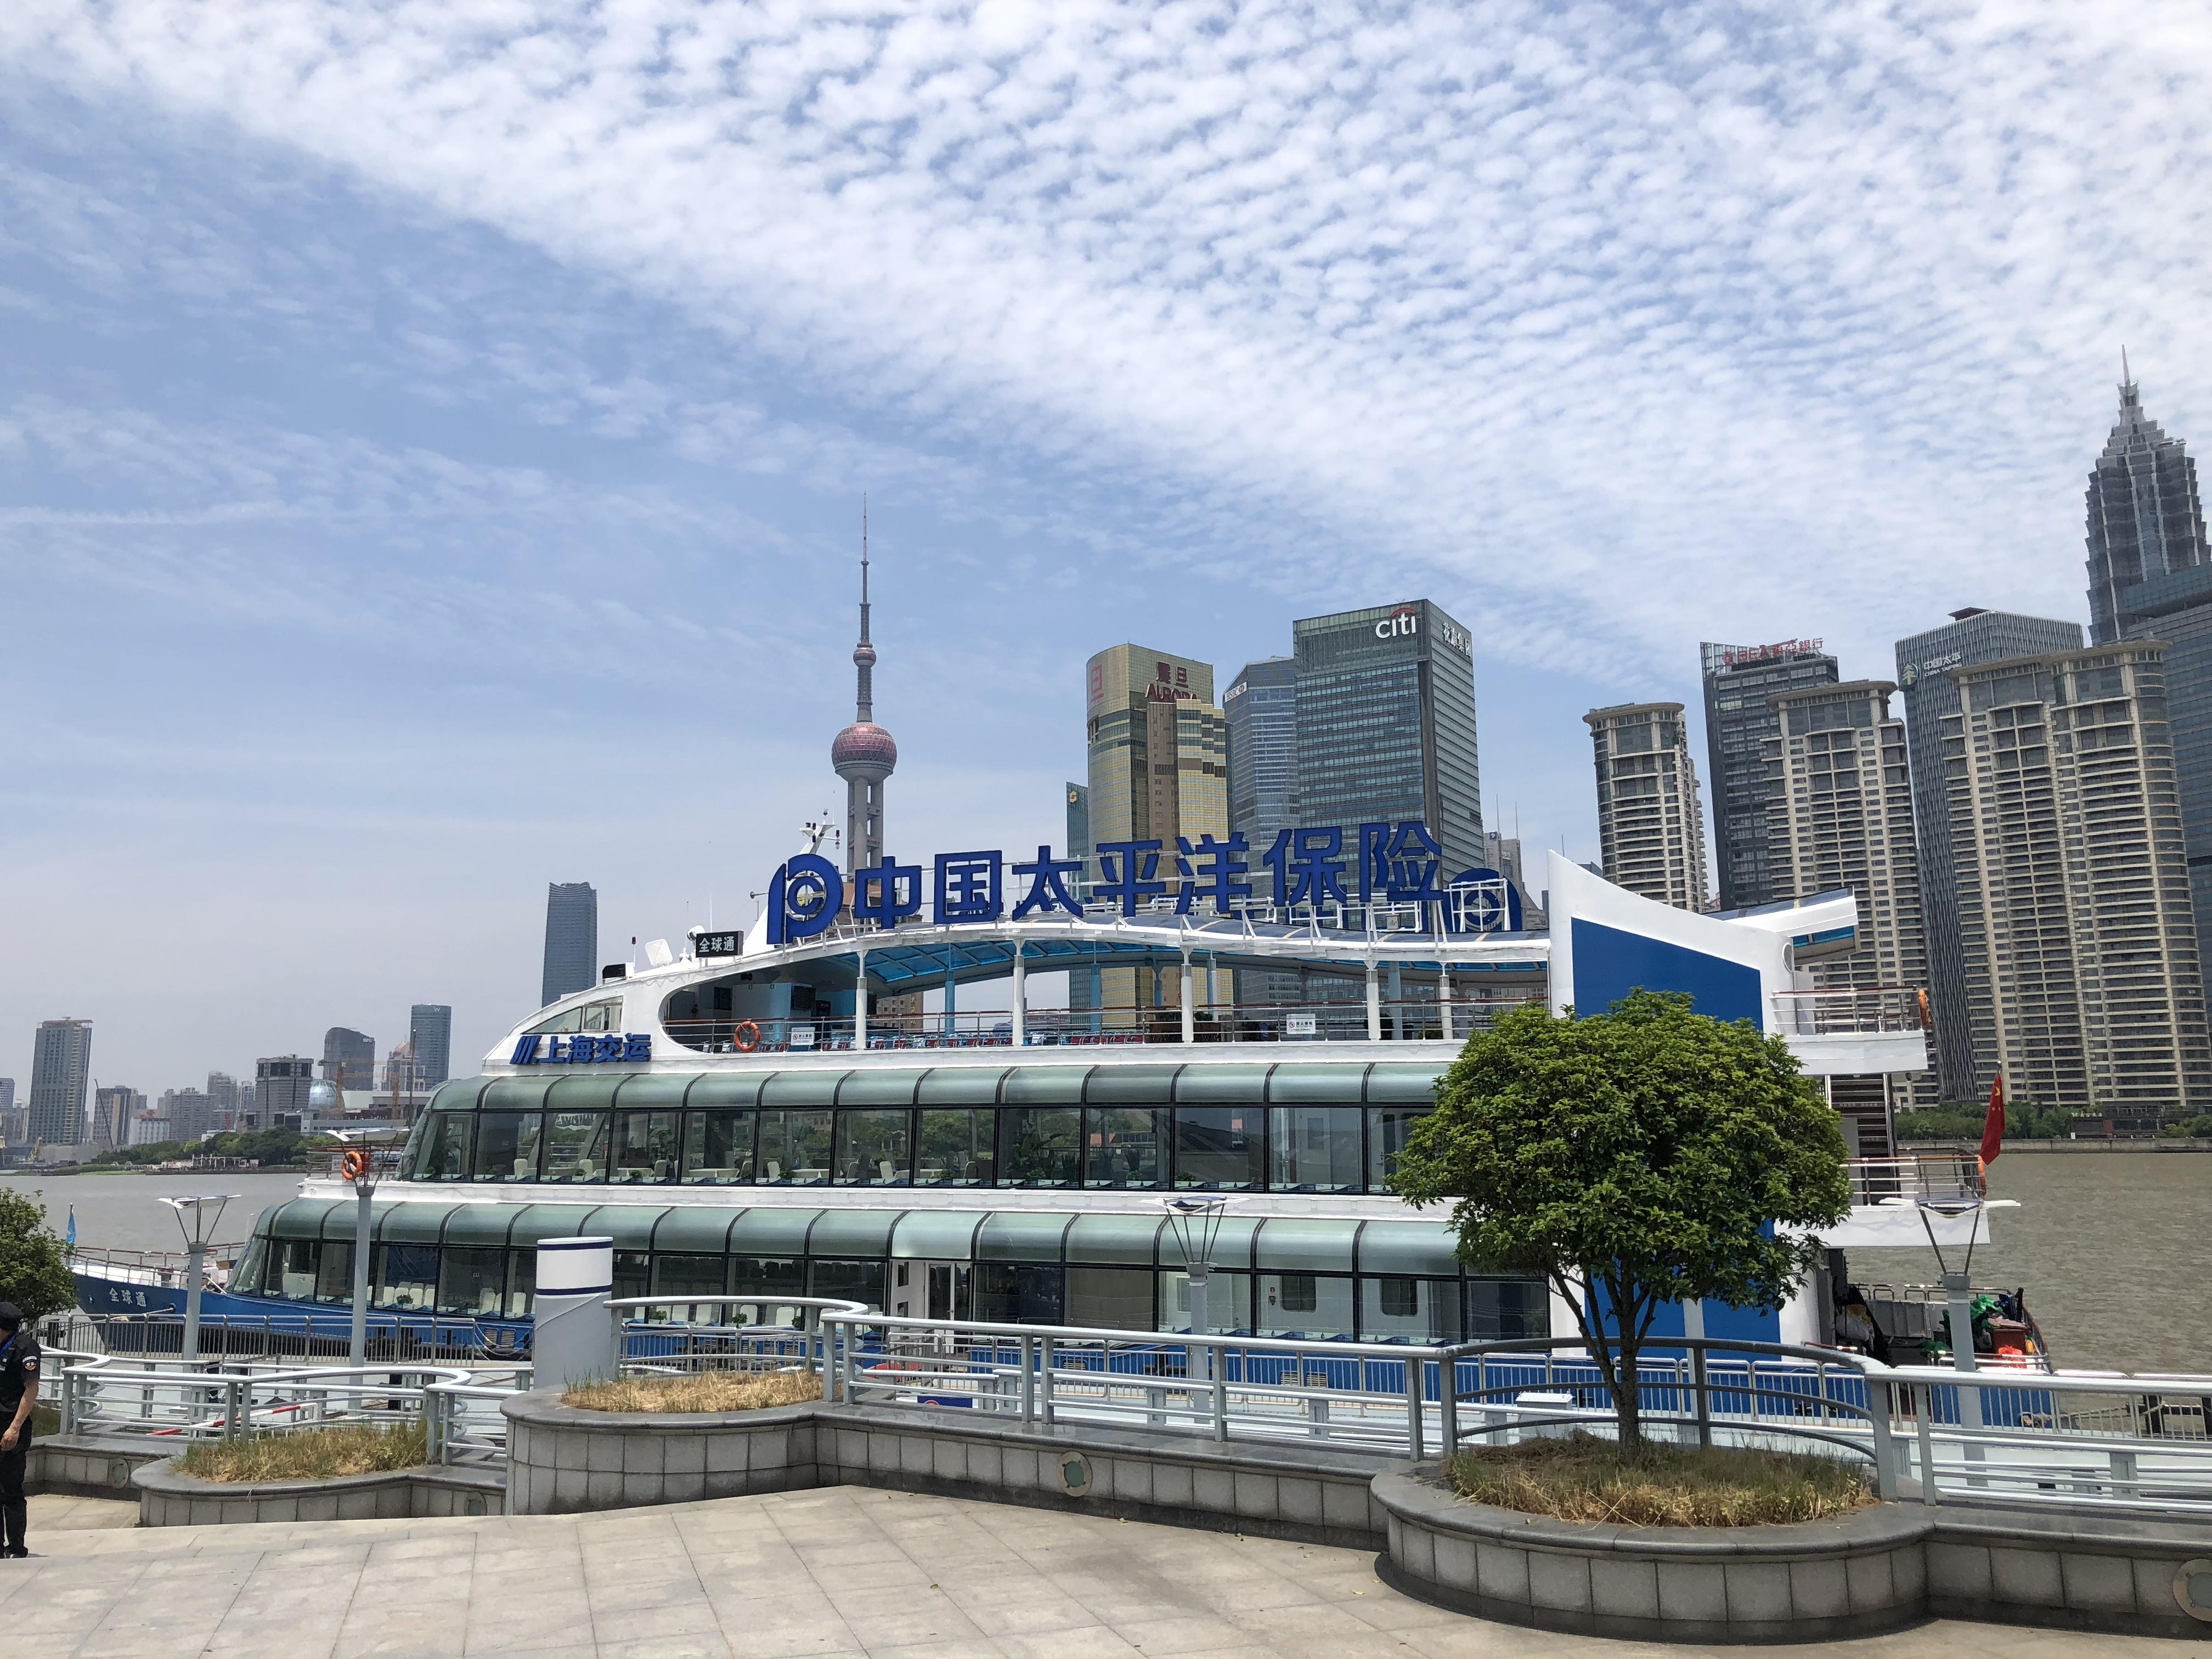 Silueta urbana de Xangai